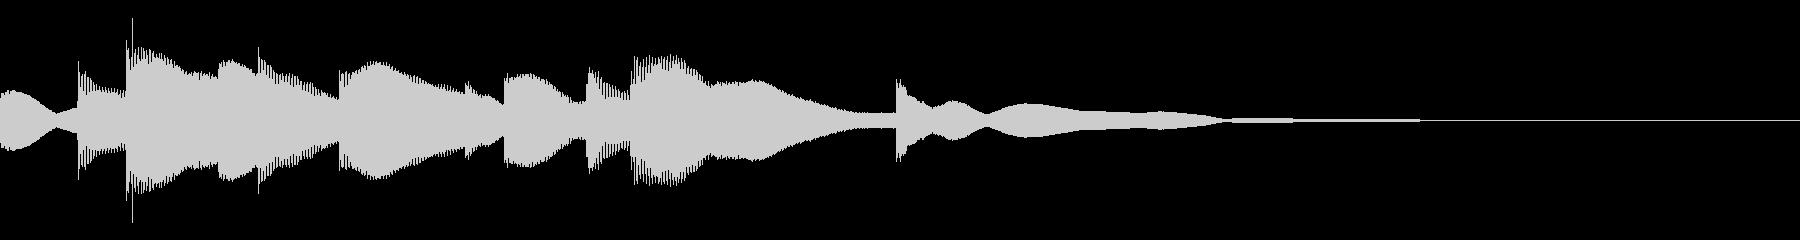 ジングル用オルゴール楽曲11-2の未再生の波形